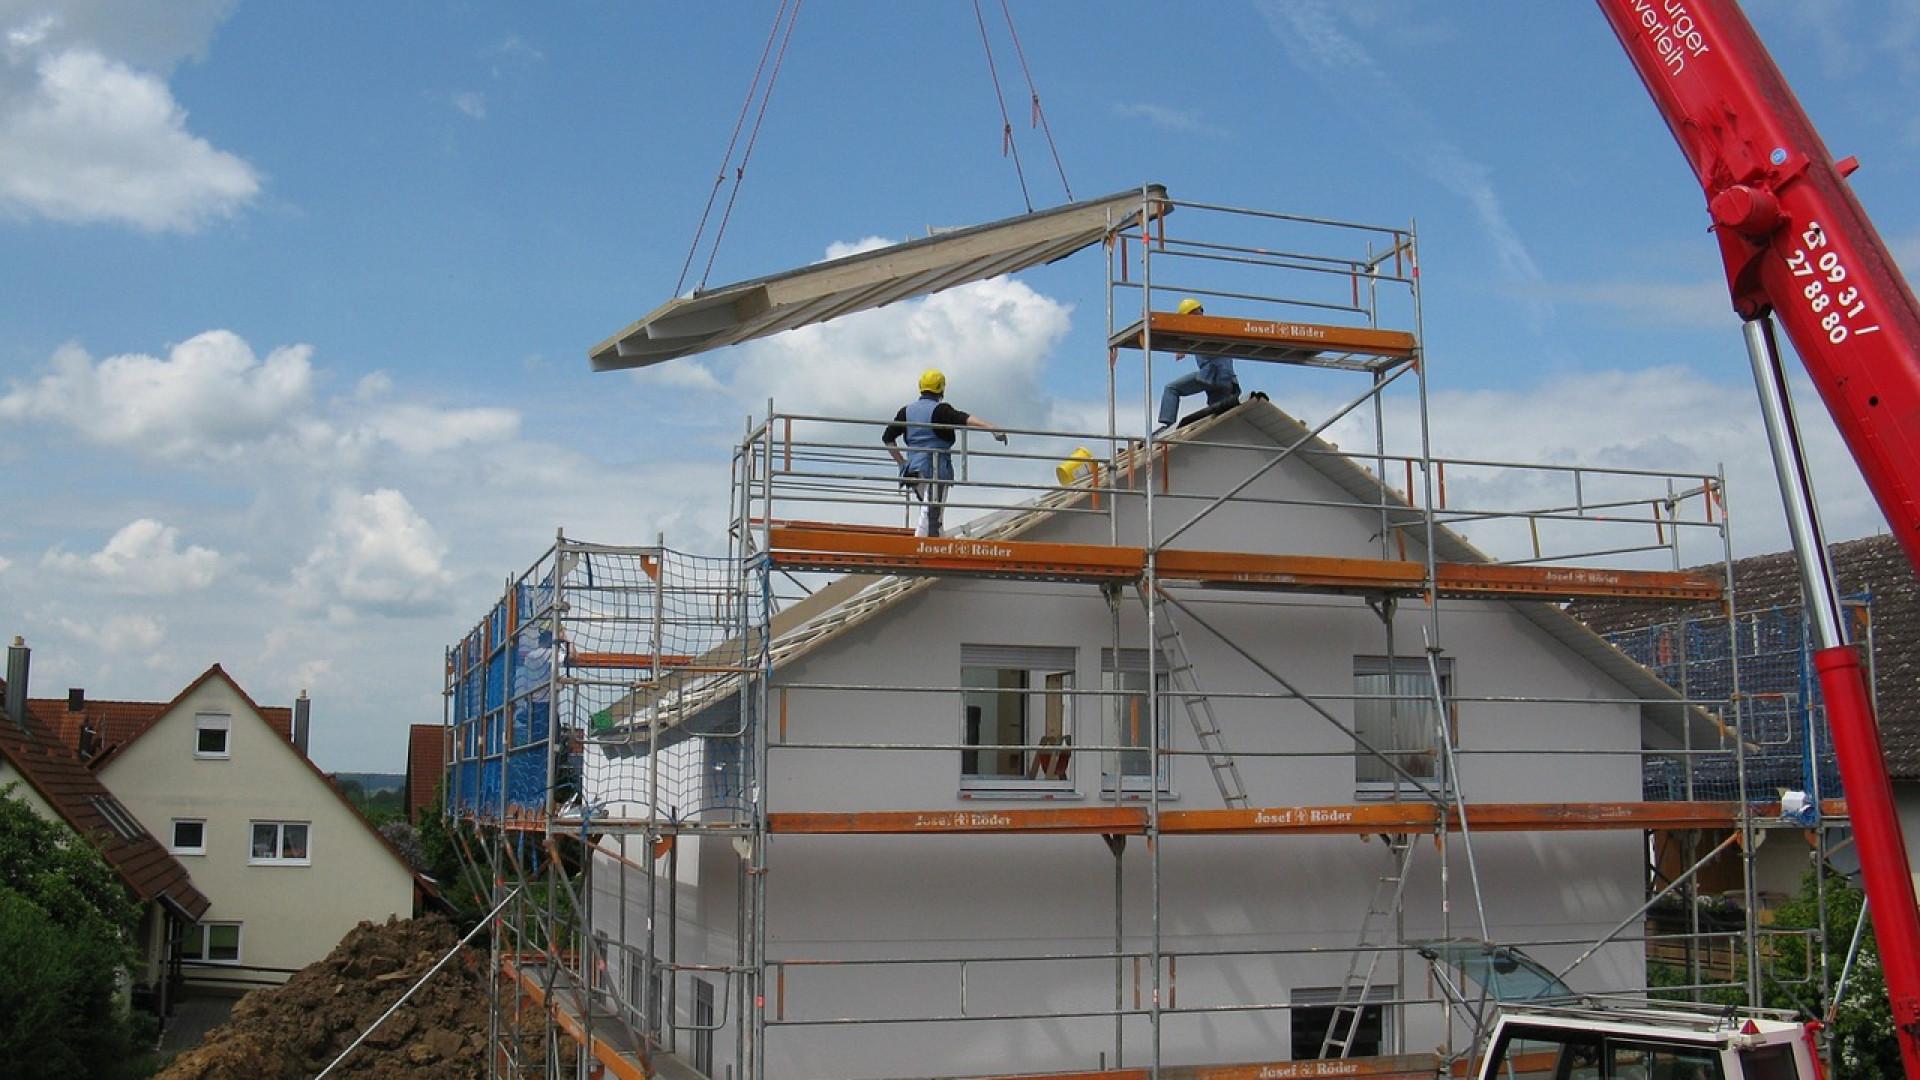 Choisir son professionnel de la construction et réalisation de bâtiment